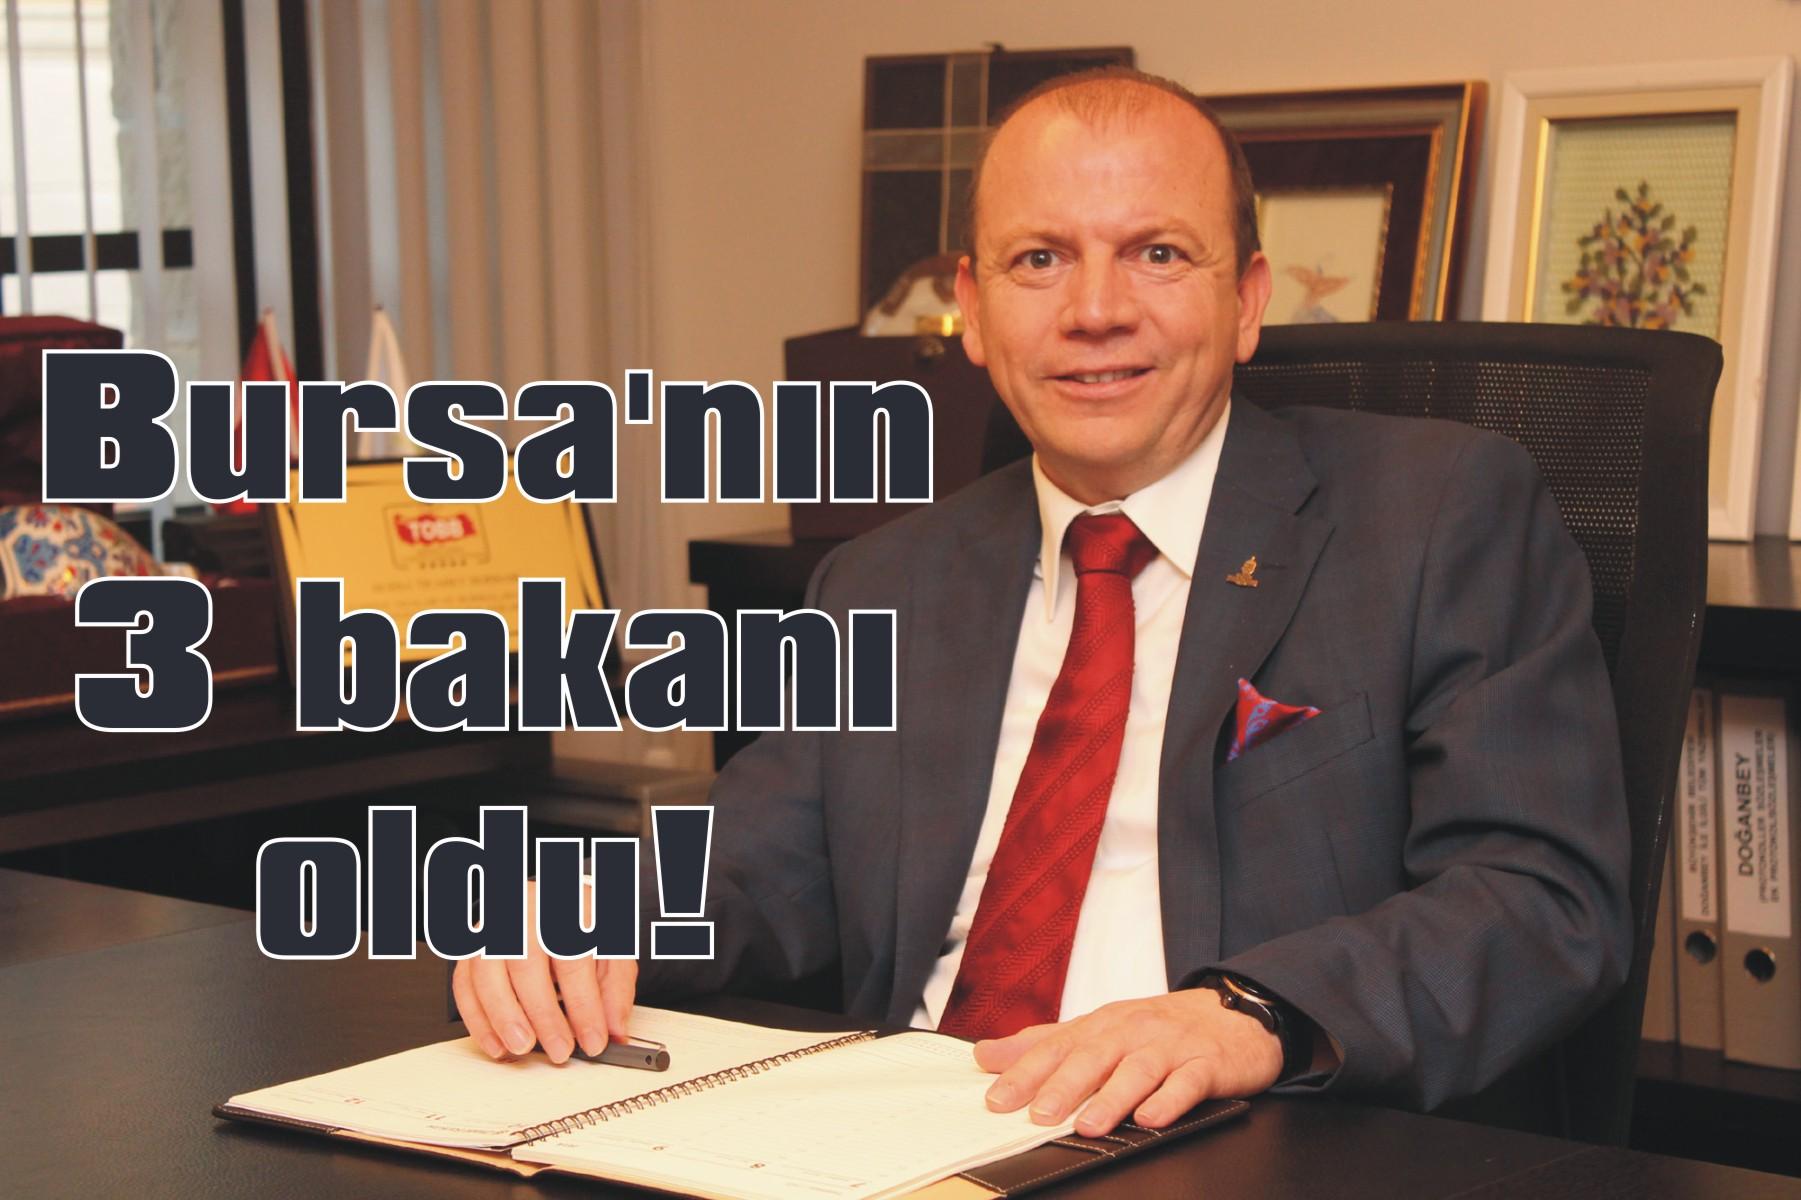 Bursa'nın 3 bakanı oldu!